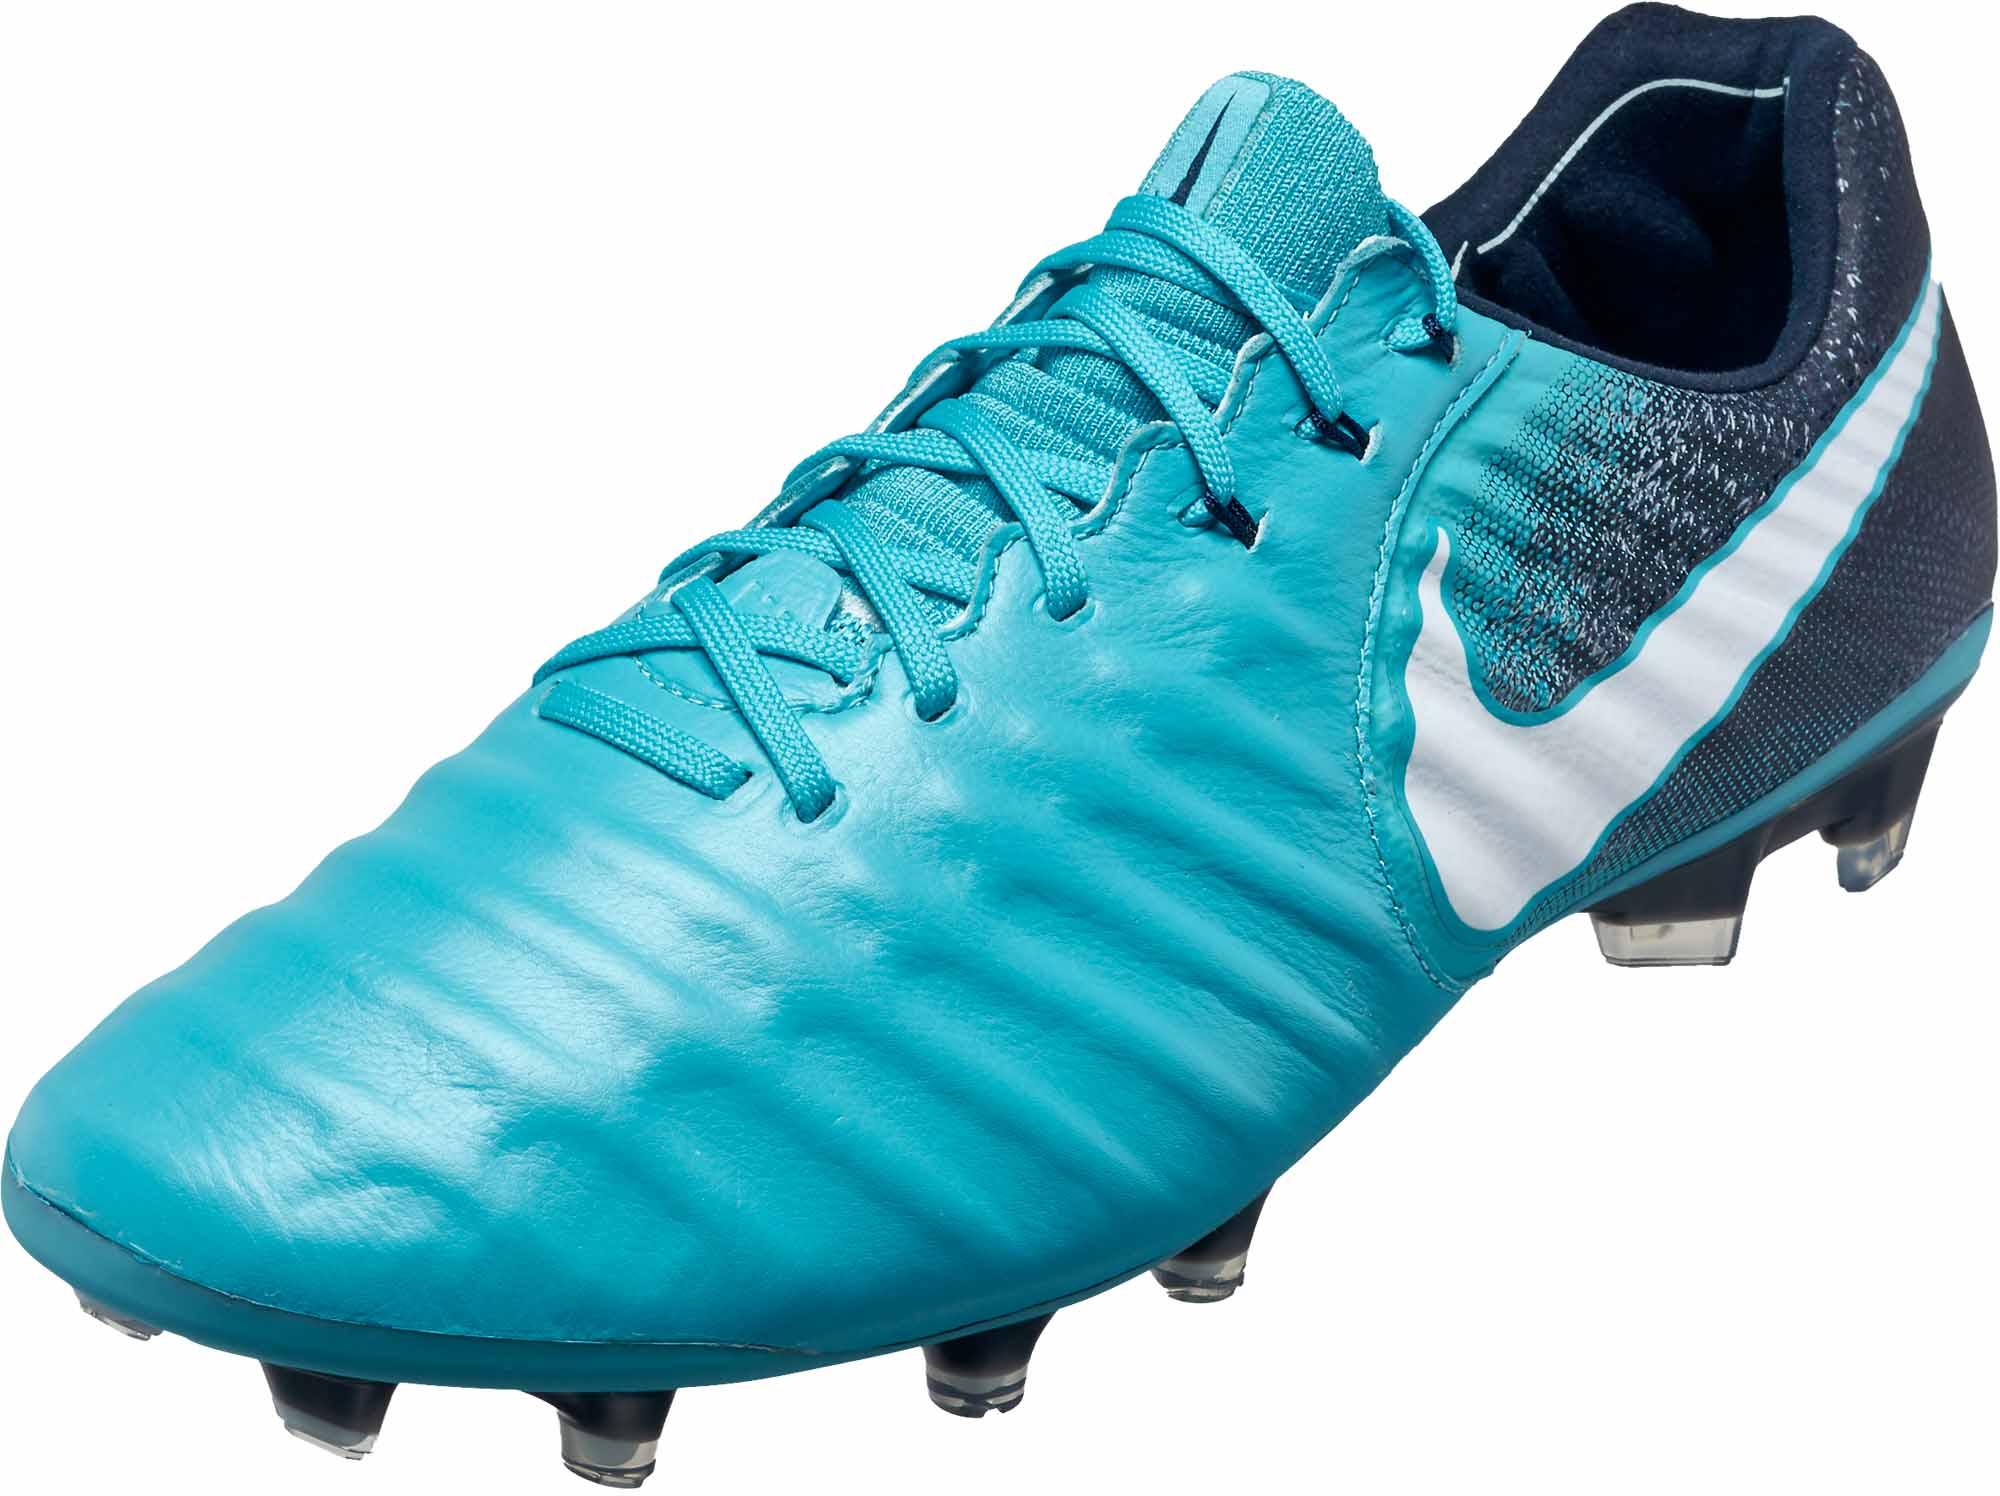 4658bae15 Nike Tiempo Legend VII FG – Gamma Blue/White